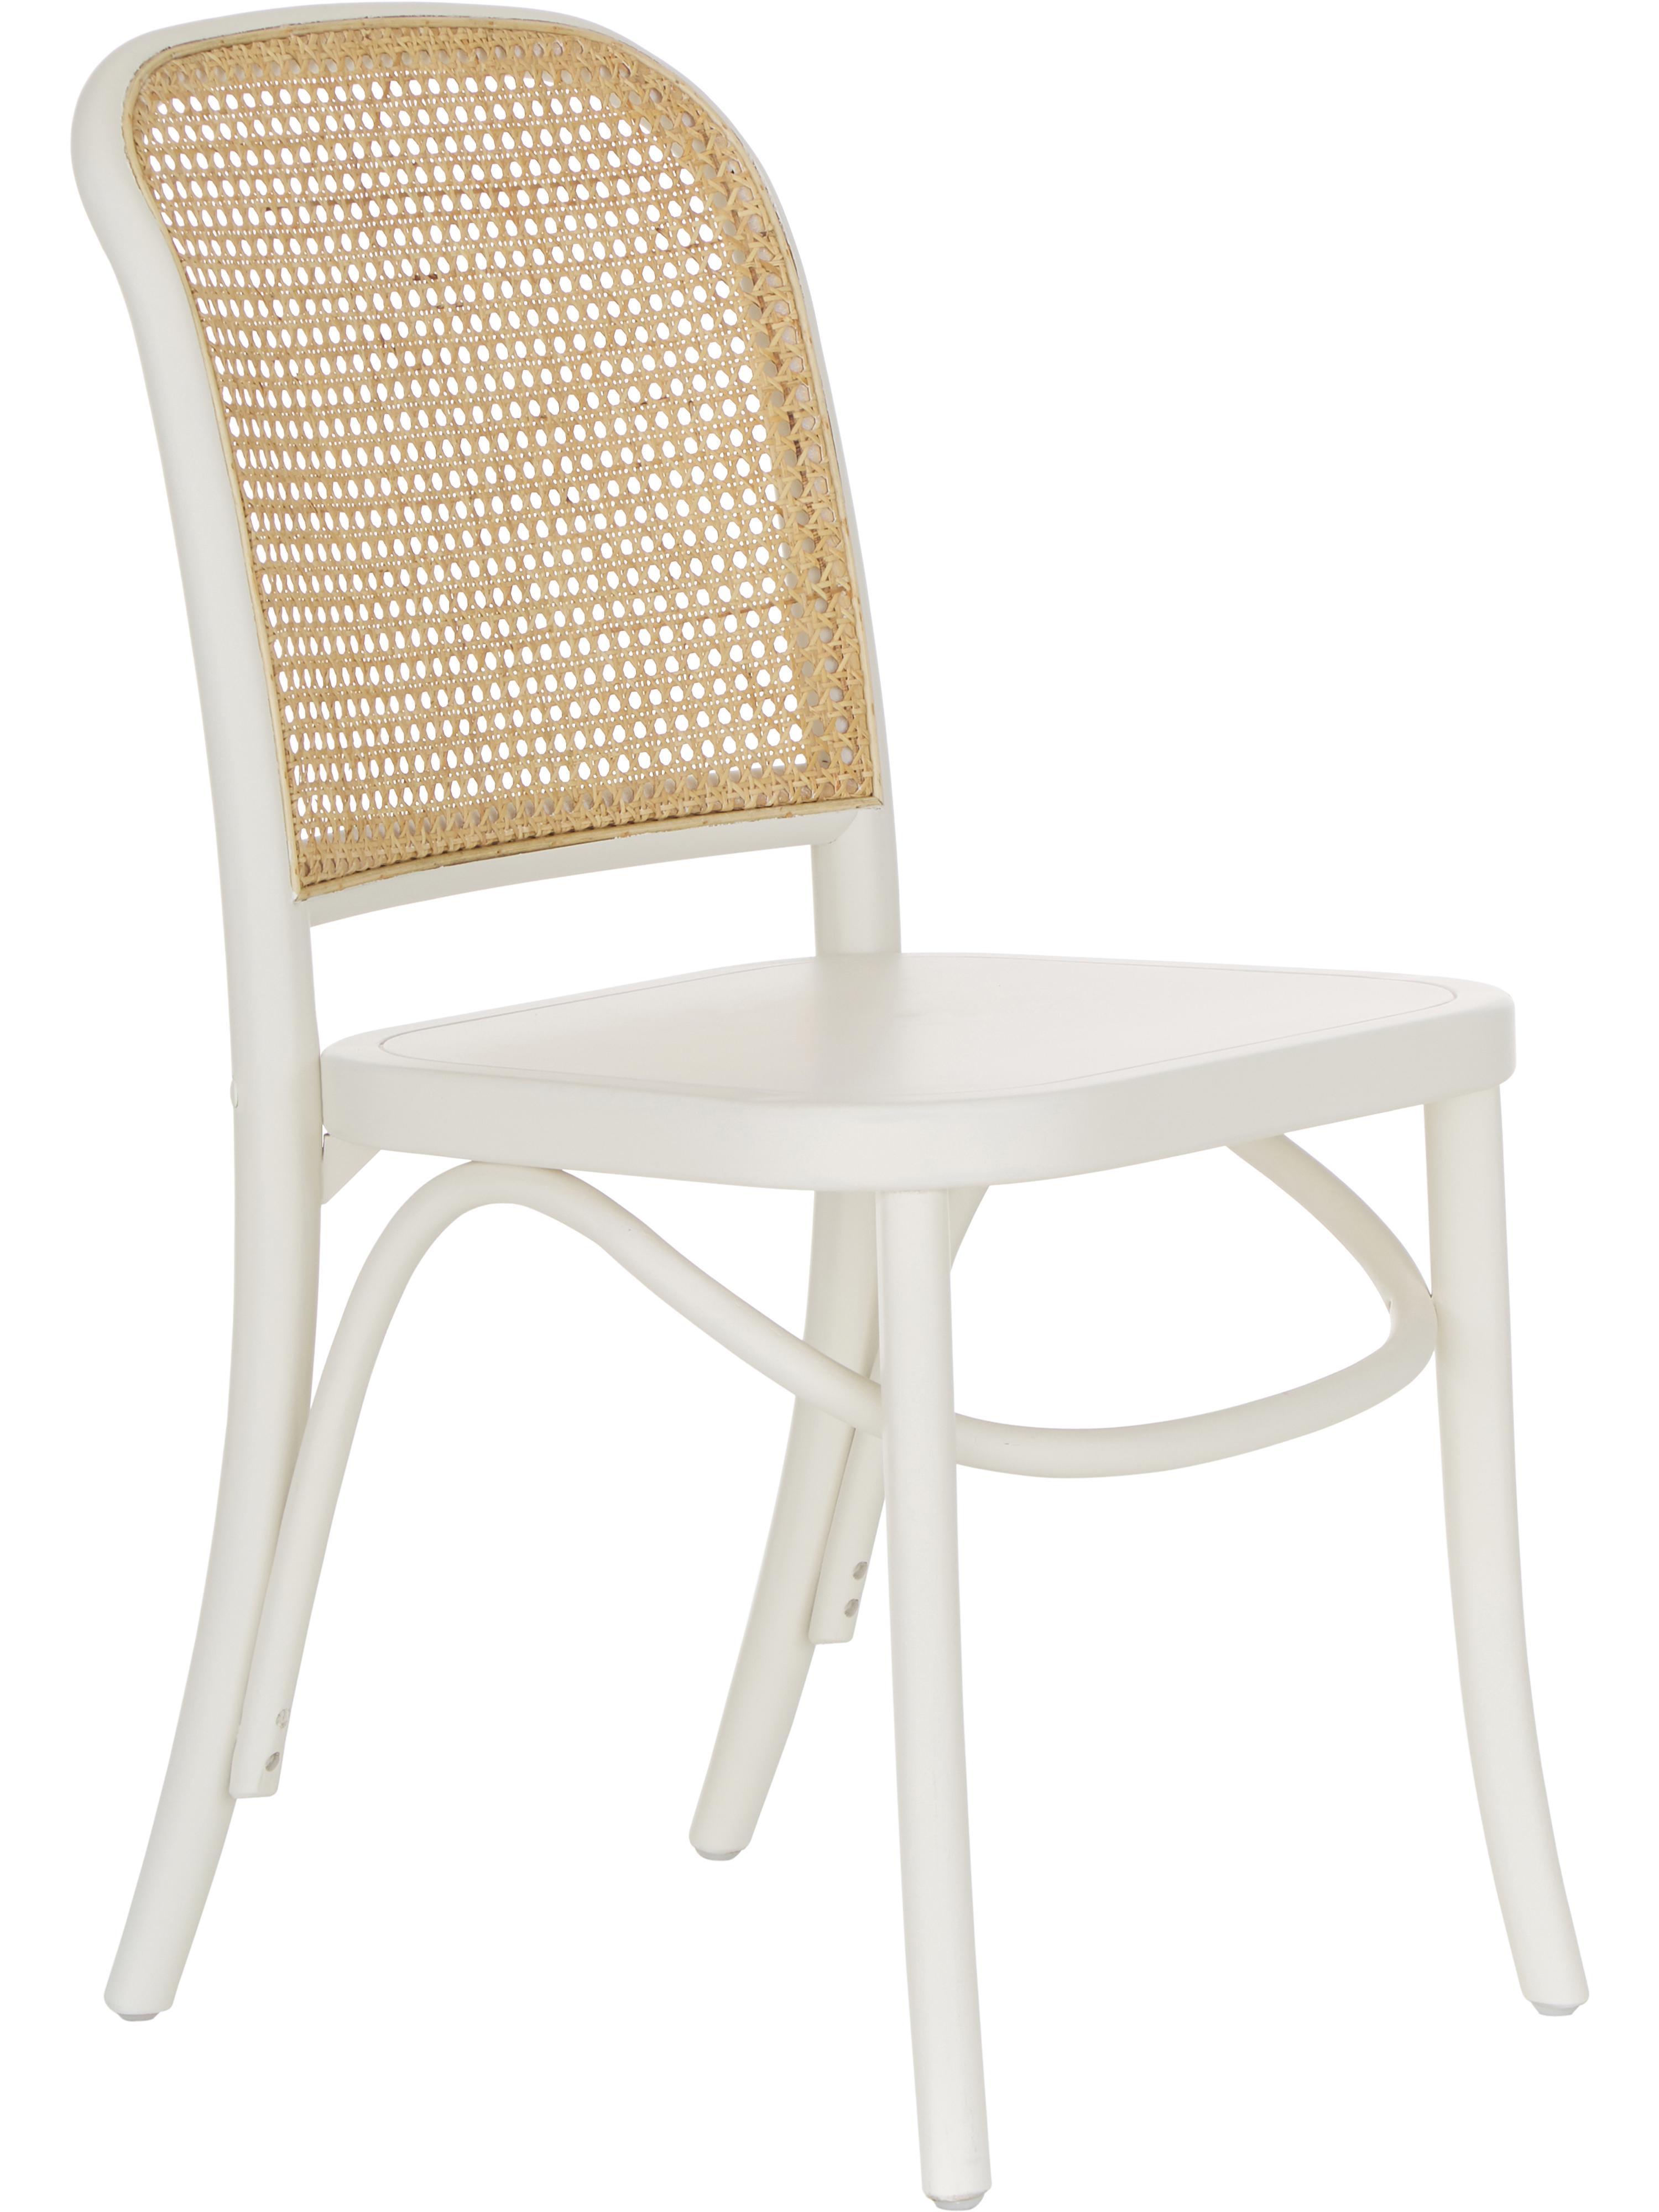 Krzesło z plecionką wiedeńską Franz, Stelaż: lite drewno brzozowe, lak, Biały, S 48 x G 59 cm